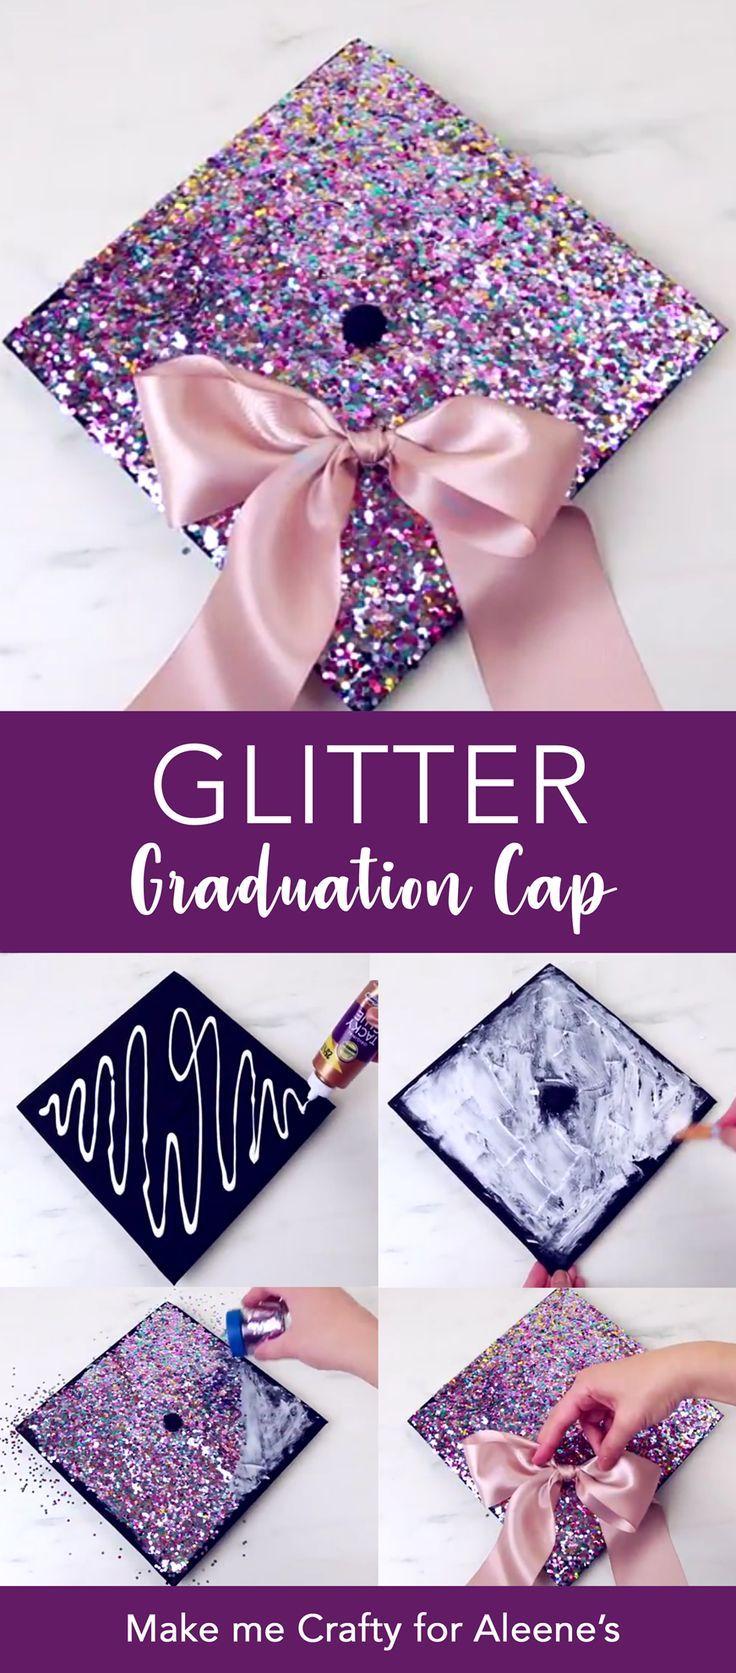 3 Ways to DIY a Graduation Cap – glitter grad cap, rhinestone grad cap, and glow